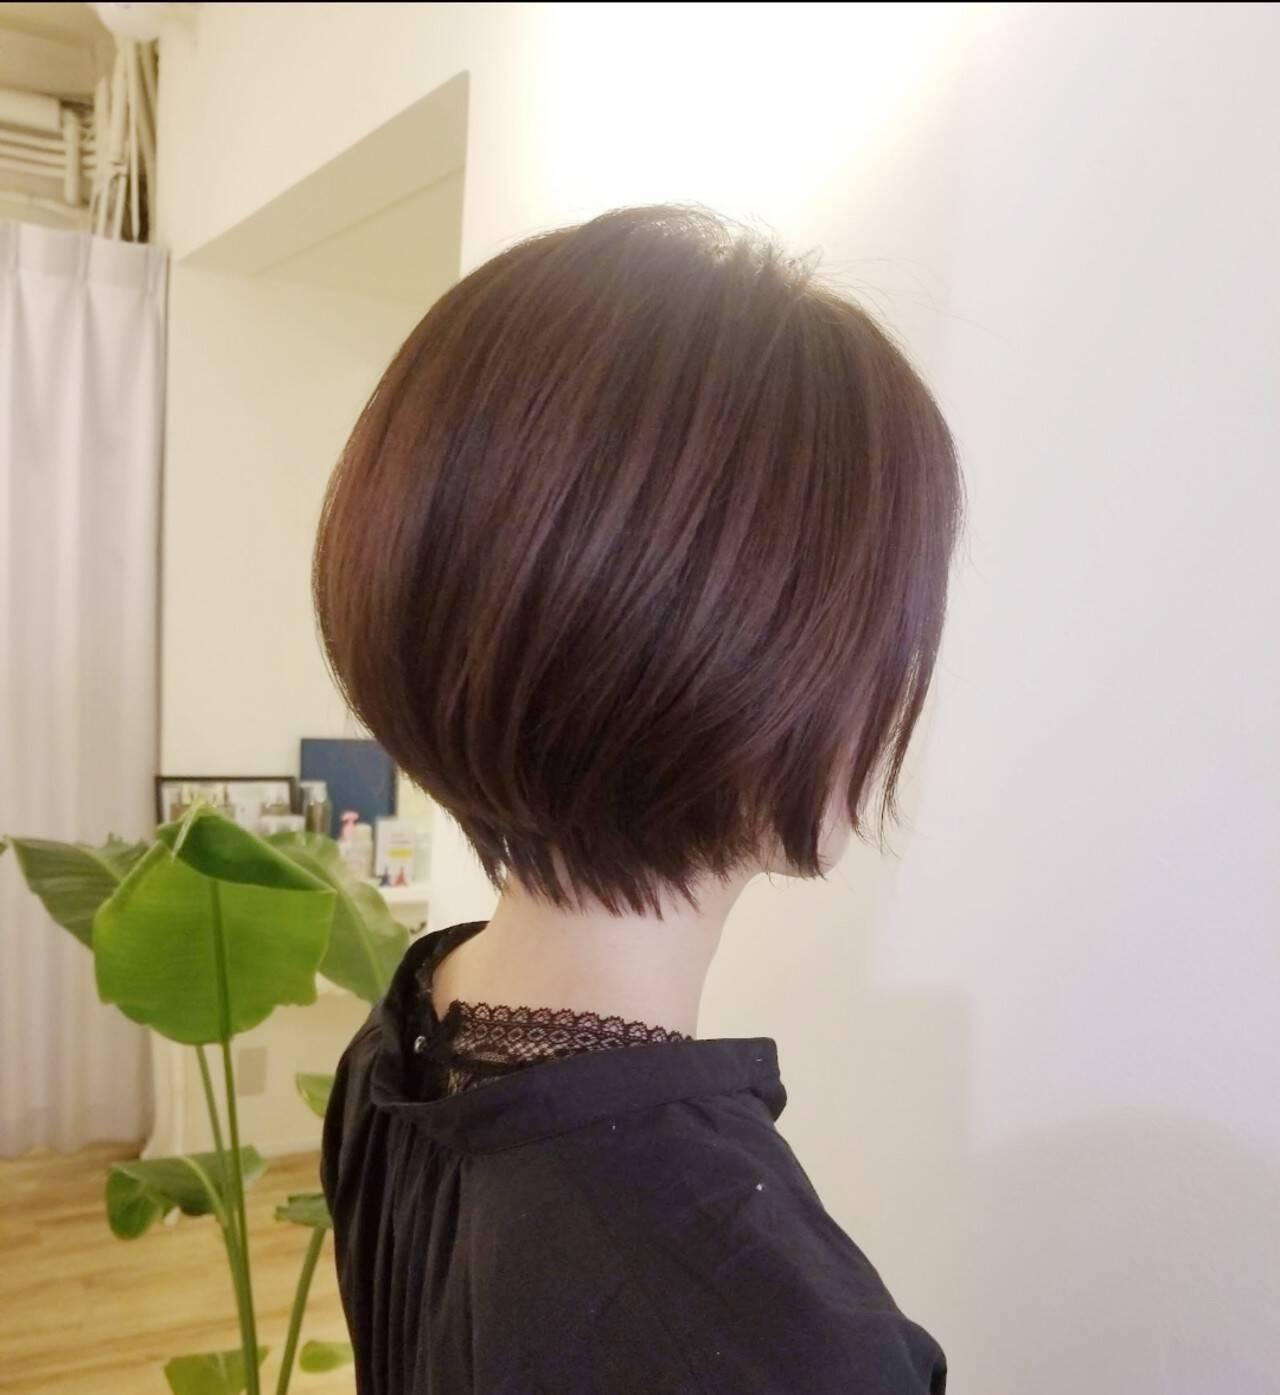 ナチュラル ショート ヘアカット 小顔ショートヘアスタイルや髪型の写真・画像